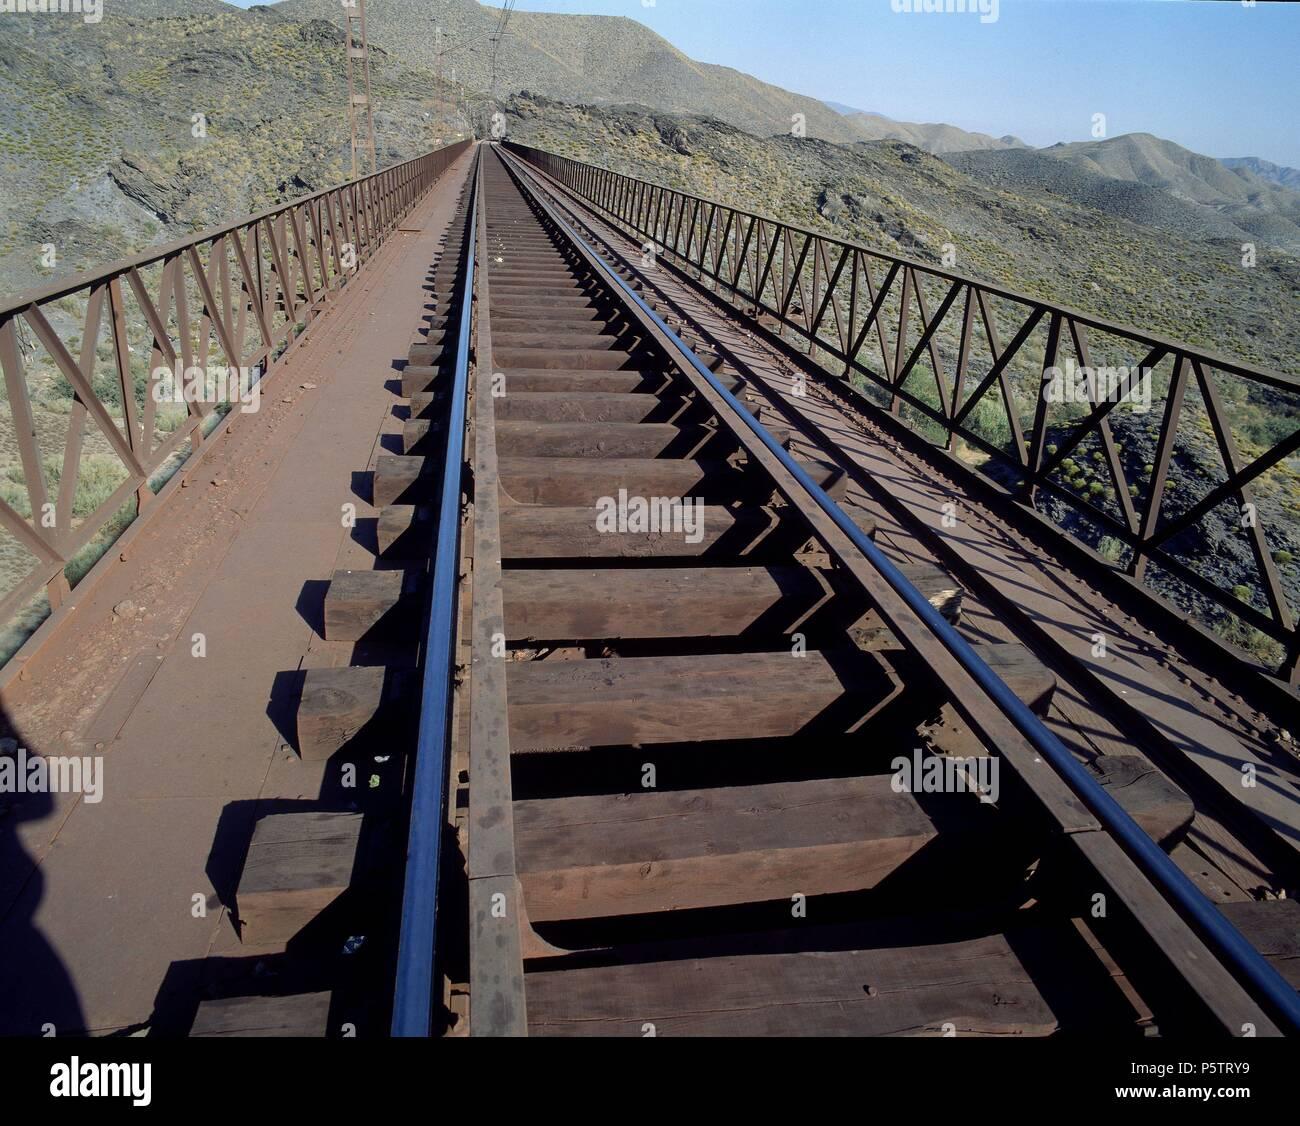 PUENTE - VIADUCTO DEL GERGAL - VISTA DE LA VIA DEL TREN DESDE ARRIBA. Lage: aussen, PROVINCIA, Almería, Spanien. Stockbild